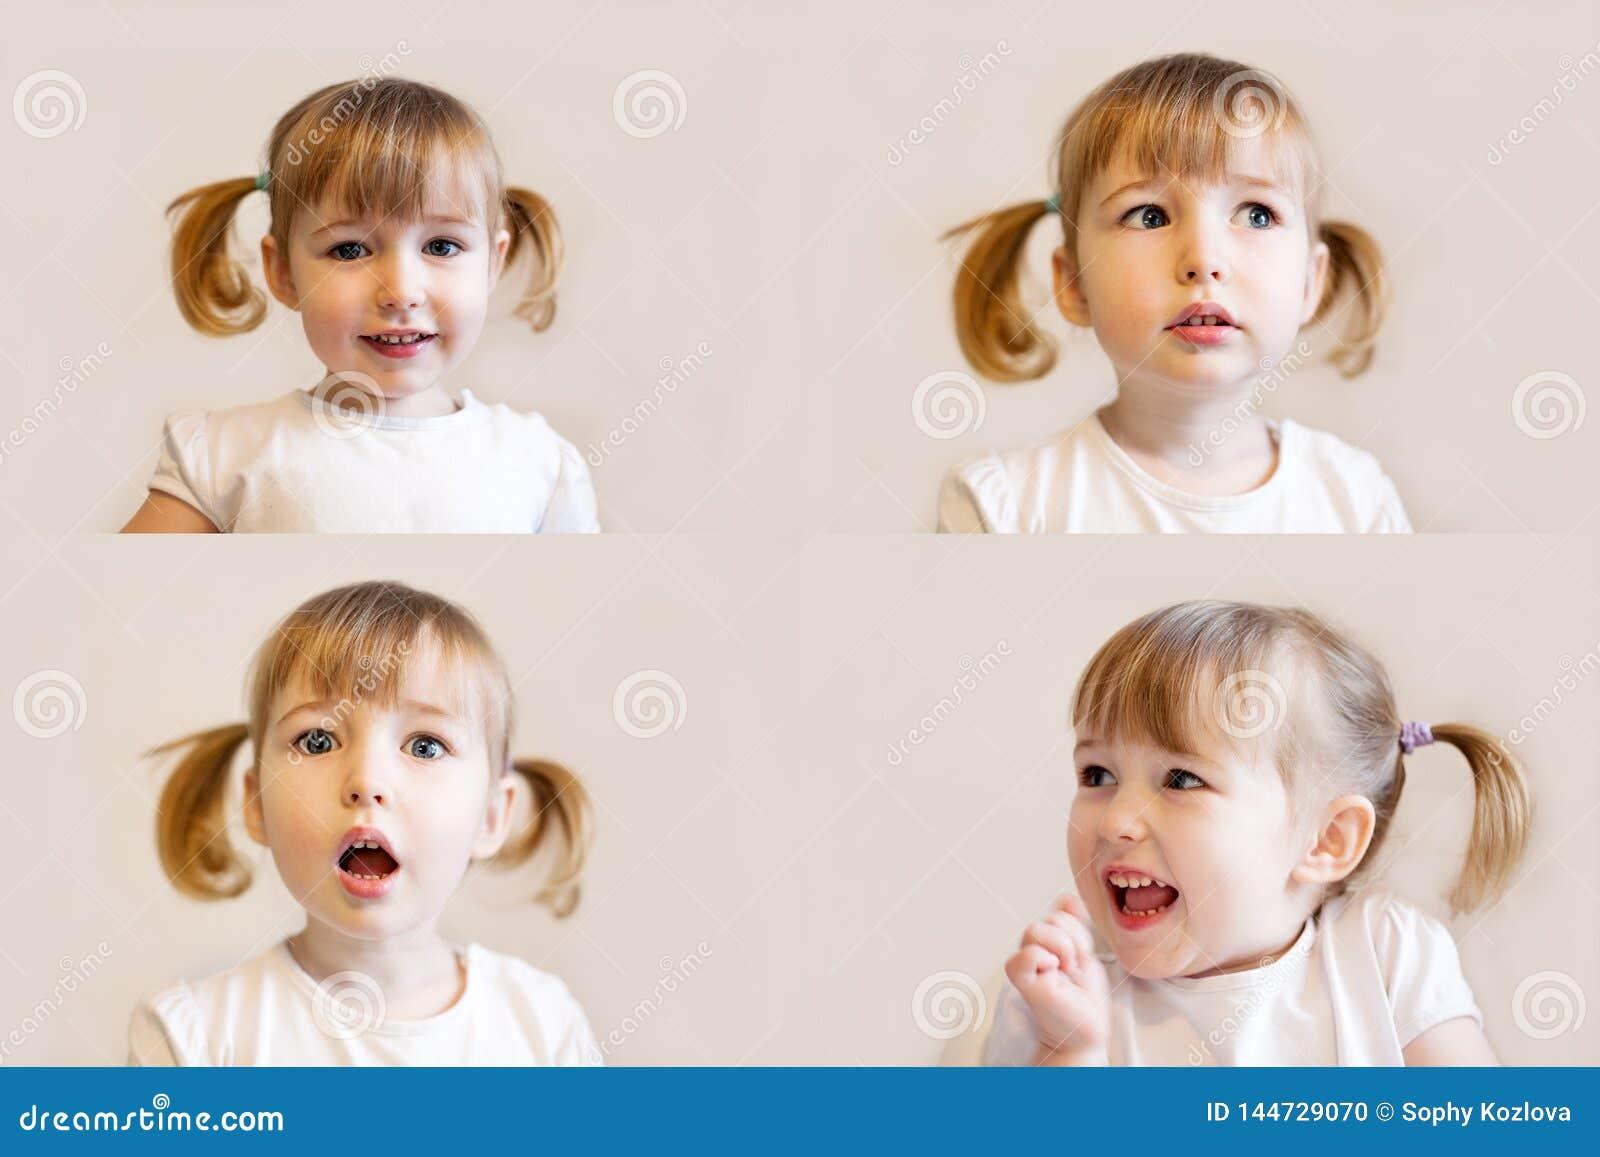 Kolaż fotografie z szczwaną dzieciak dziewczyną z pigtails zbliżenia włosianej twarzy emocjonalnymi portretami